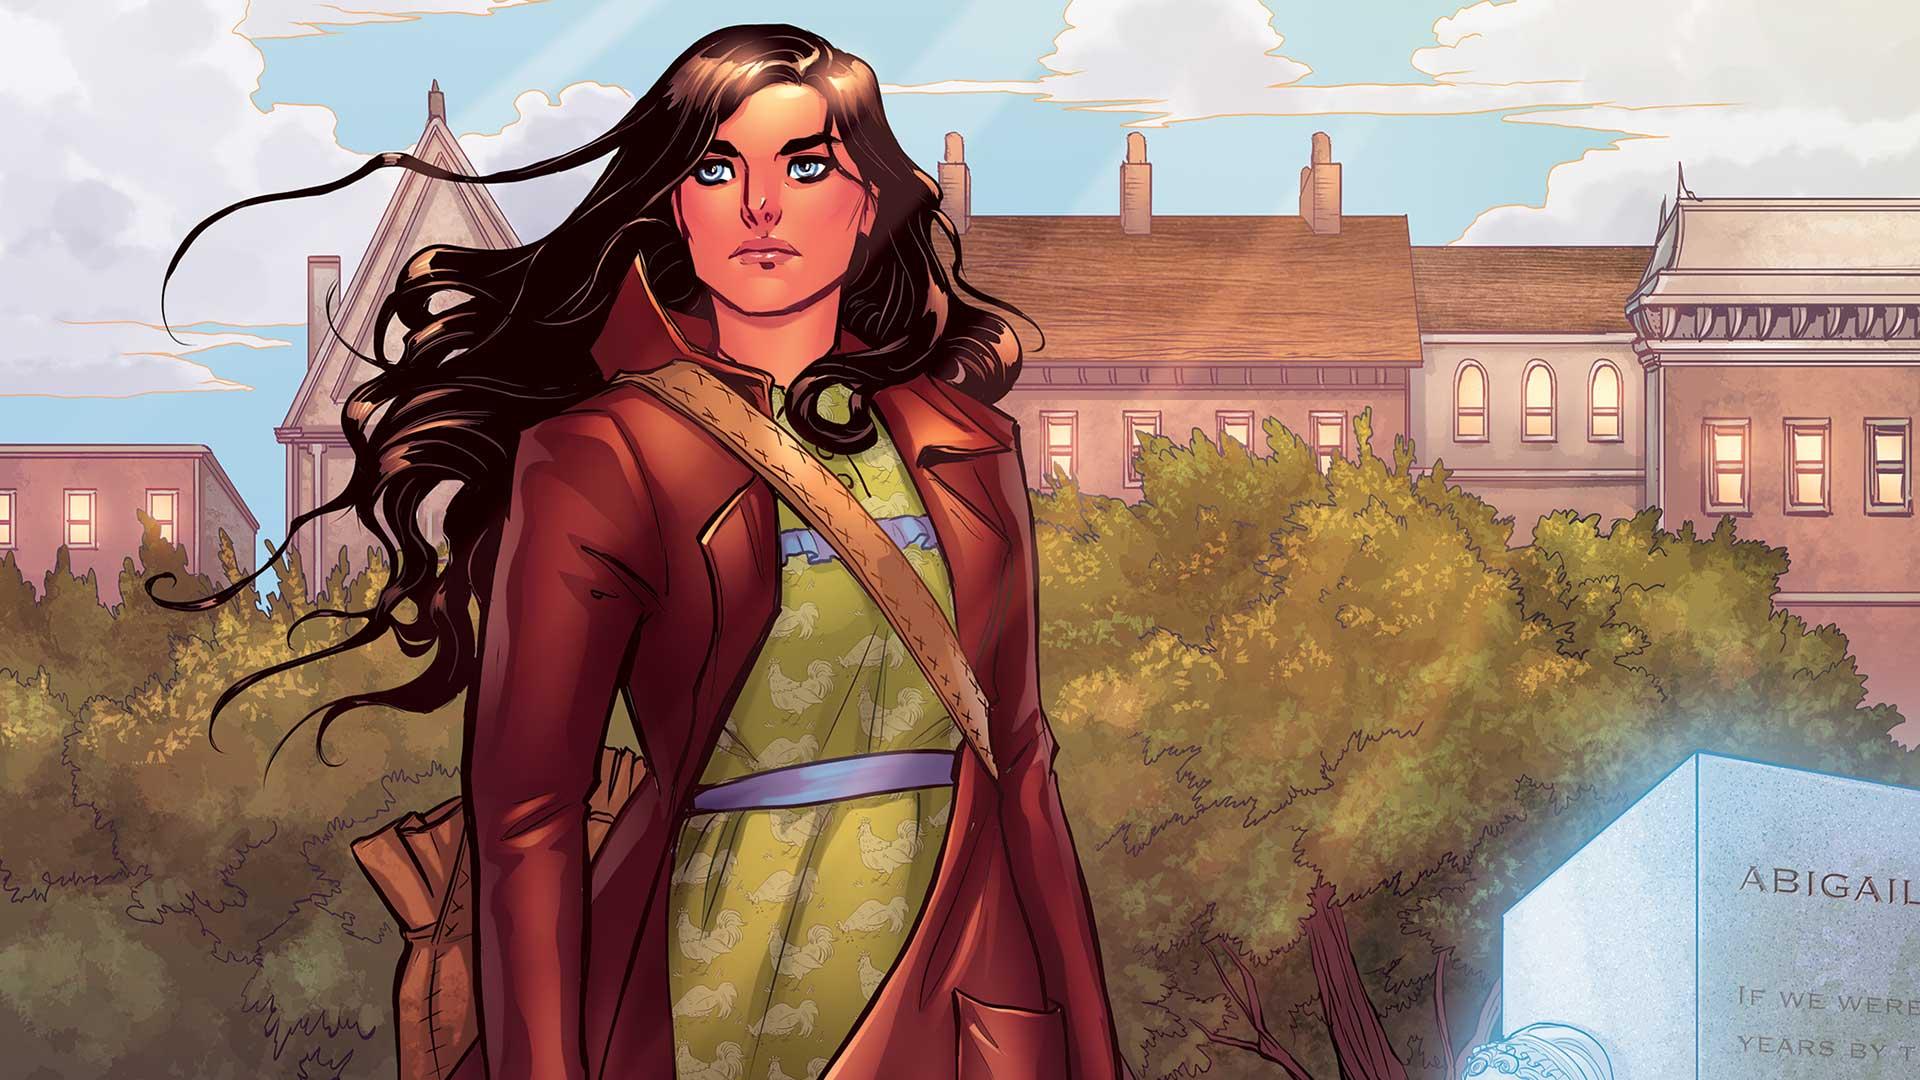 La leyenda de Wonder Woman